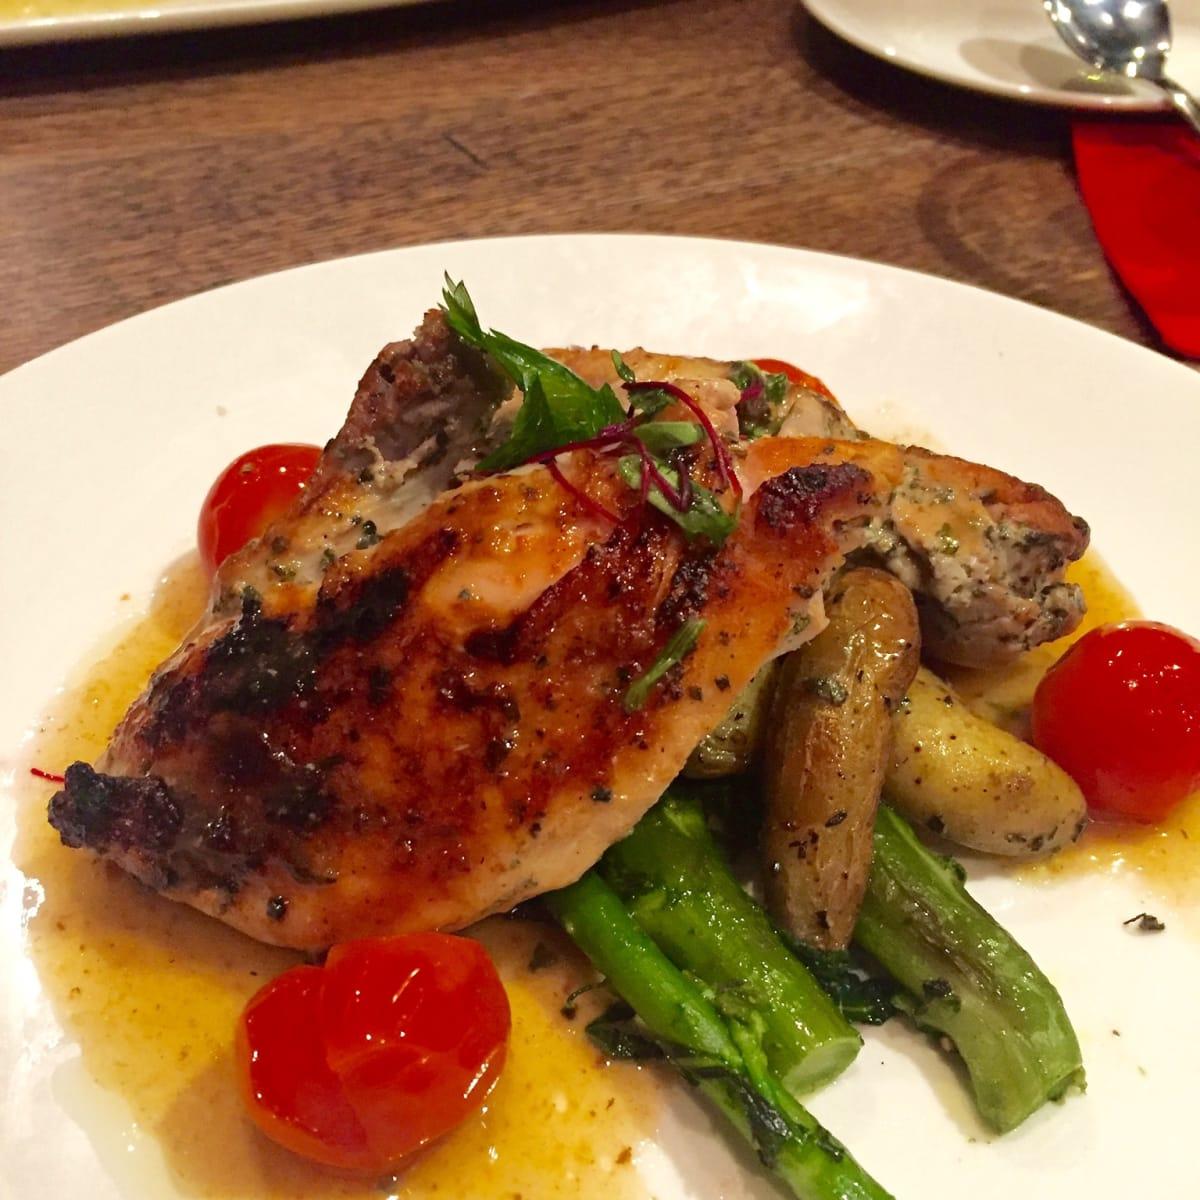 Taverna chicken